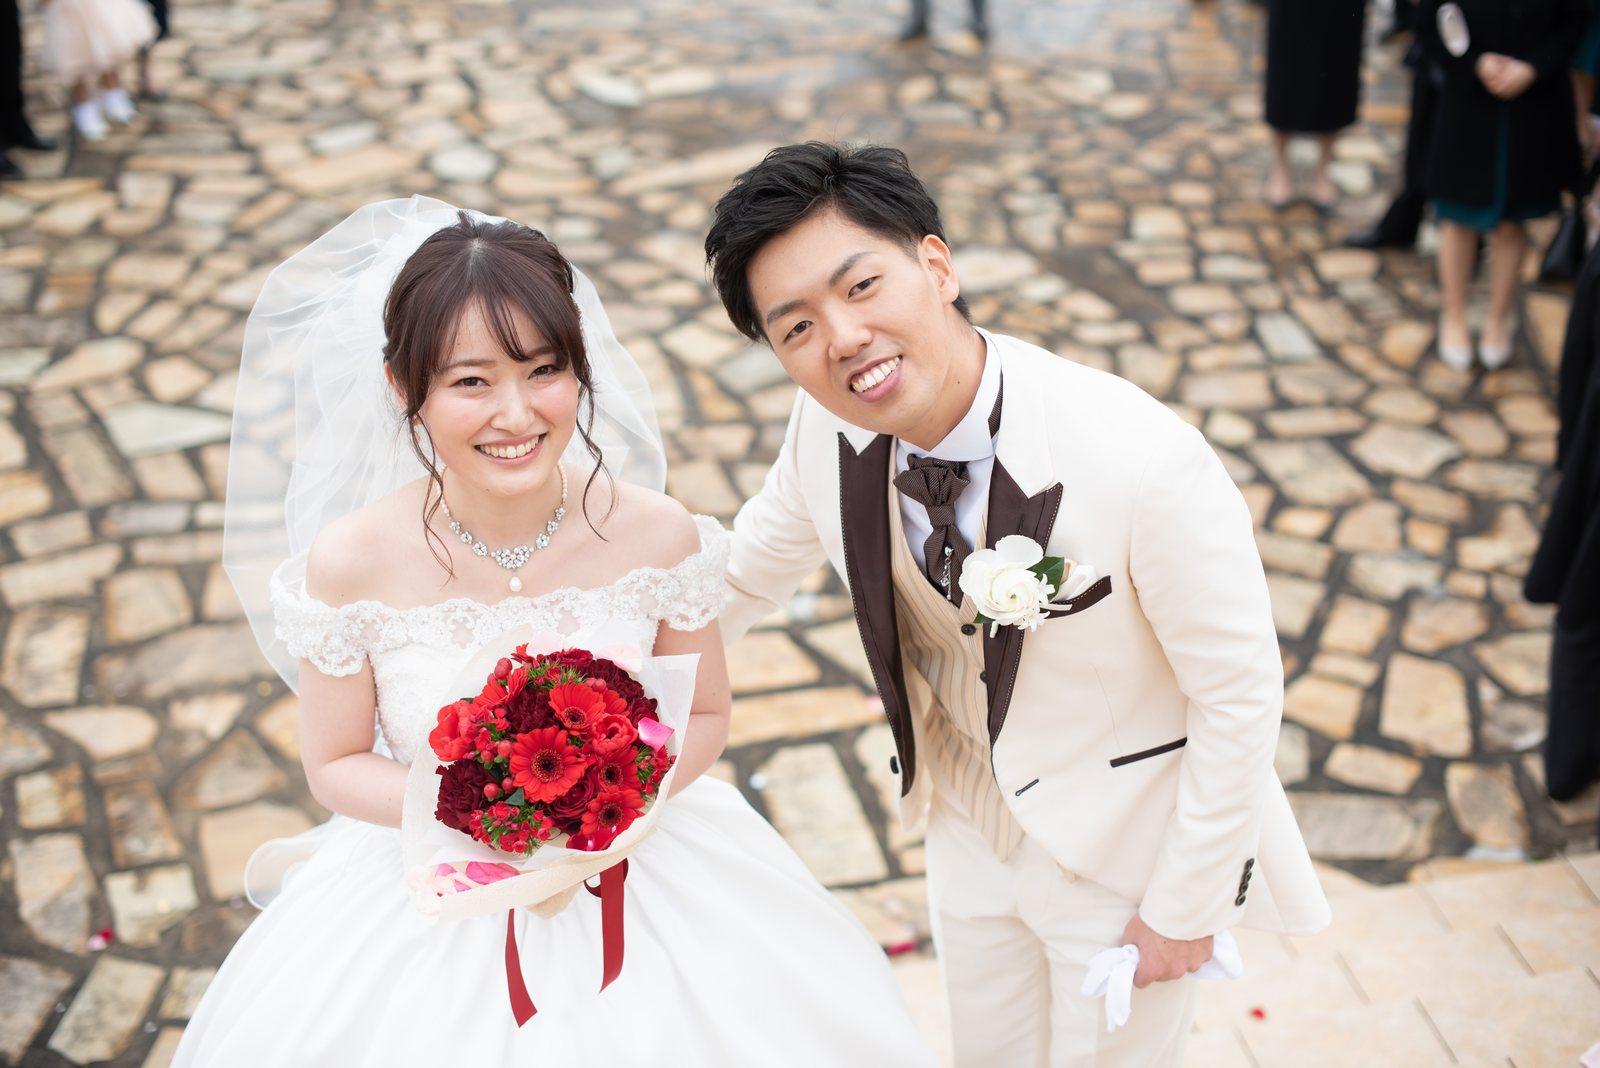 徳島市の結婚式場ブランアンジュのアフターセレモニーで素敵な笑顔の新郎新婦